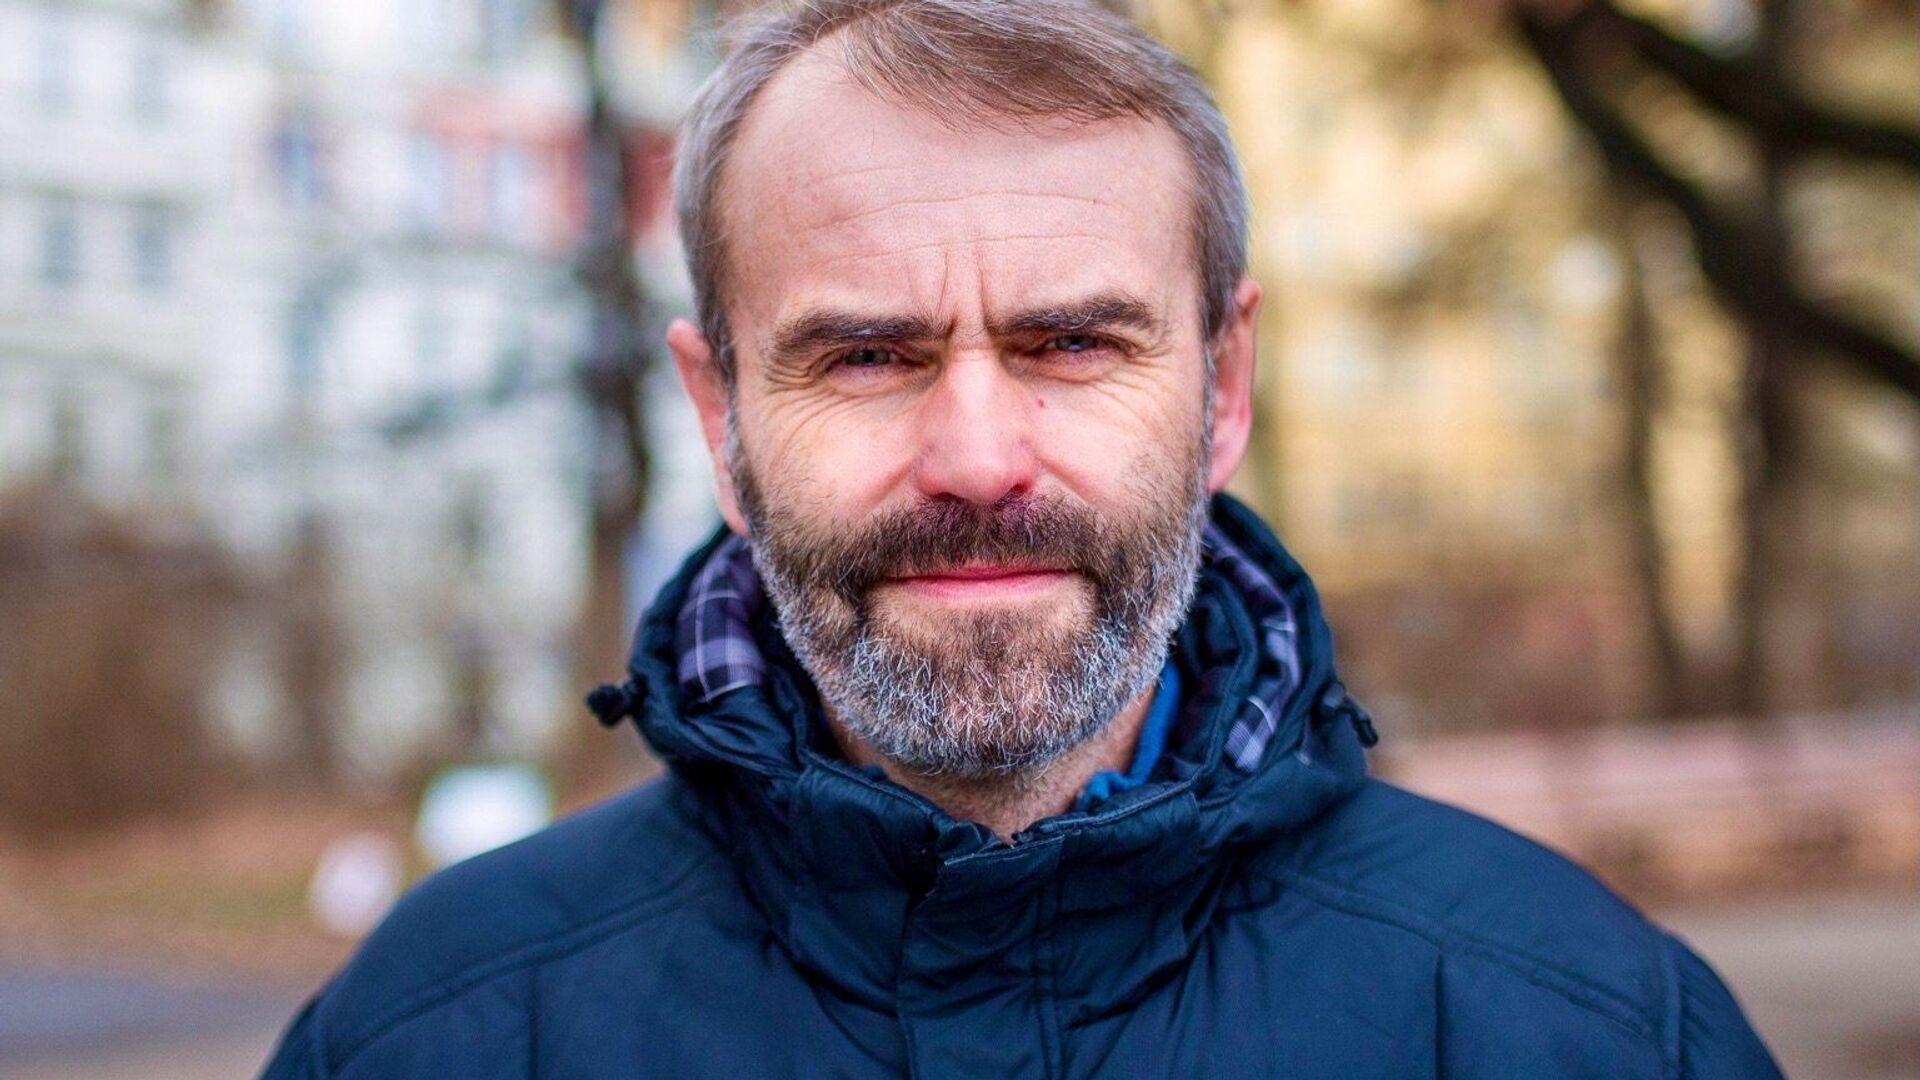 Bývalý šéf české protimafiánské policie Robert Šlachta - Sputnik Česká republika, 1920, 08.07.2021